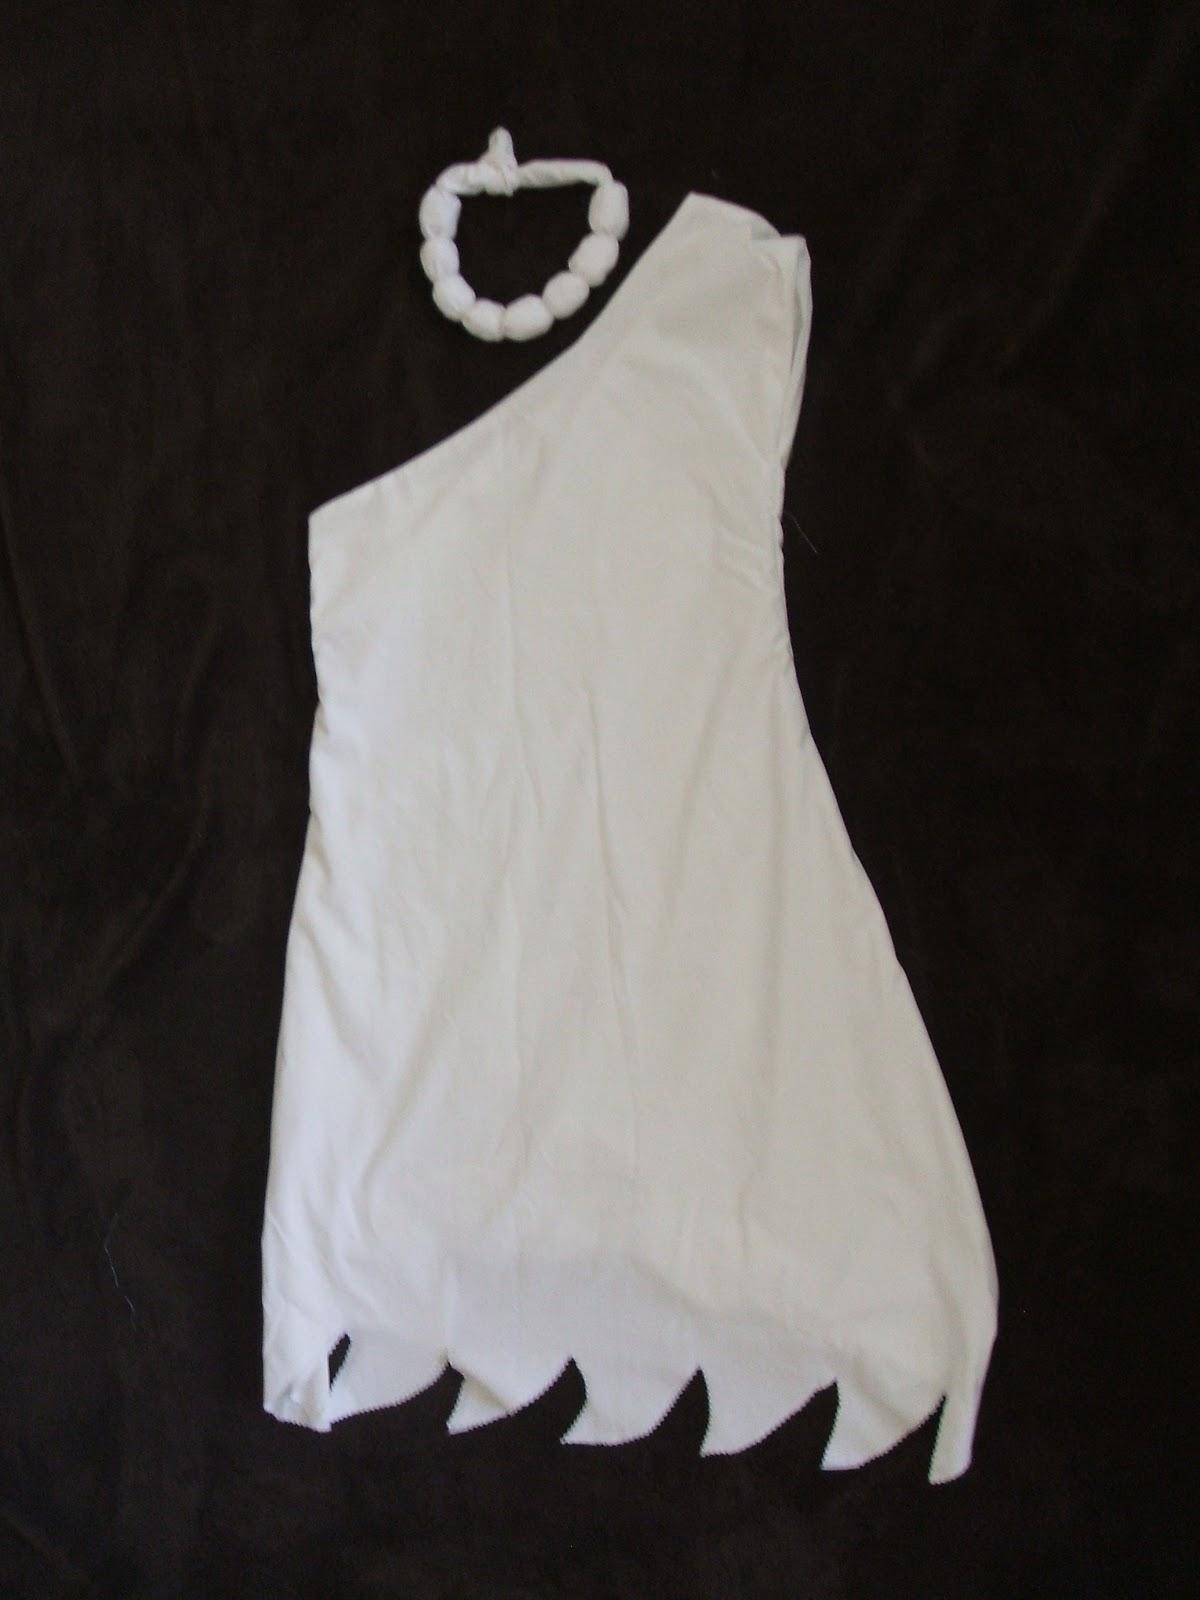 Wilma Flintstone Costume Tutorial - Peek-a-Boo Pages - Patterns Fabric u0026 More! & Wilma Flintstone Costume Tutorial - Peek-a-Boo Pages - Patterns ...